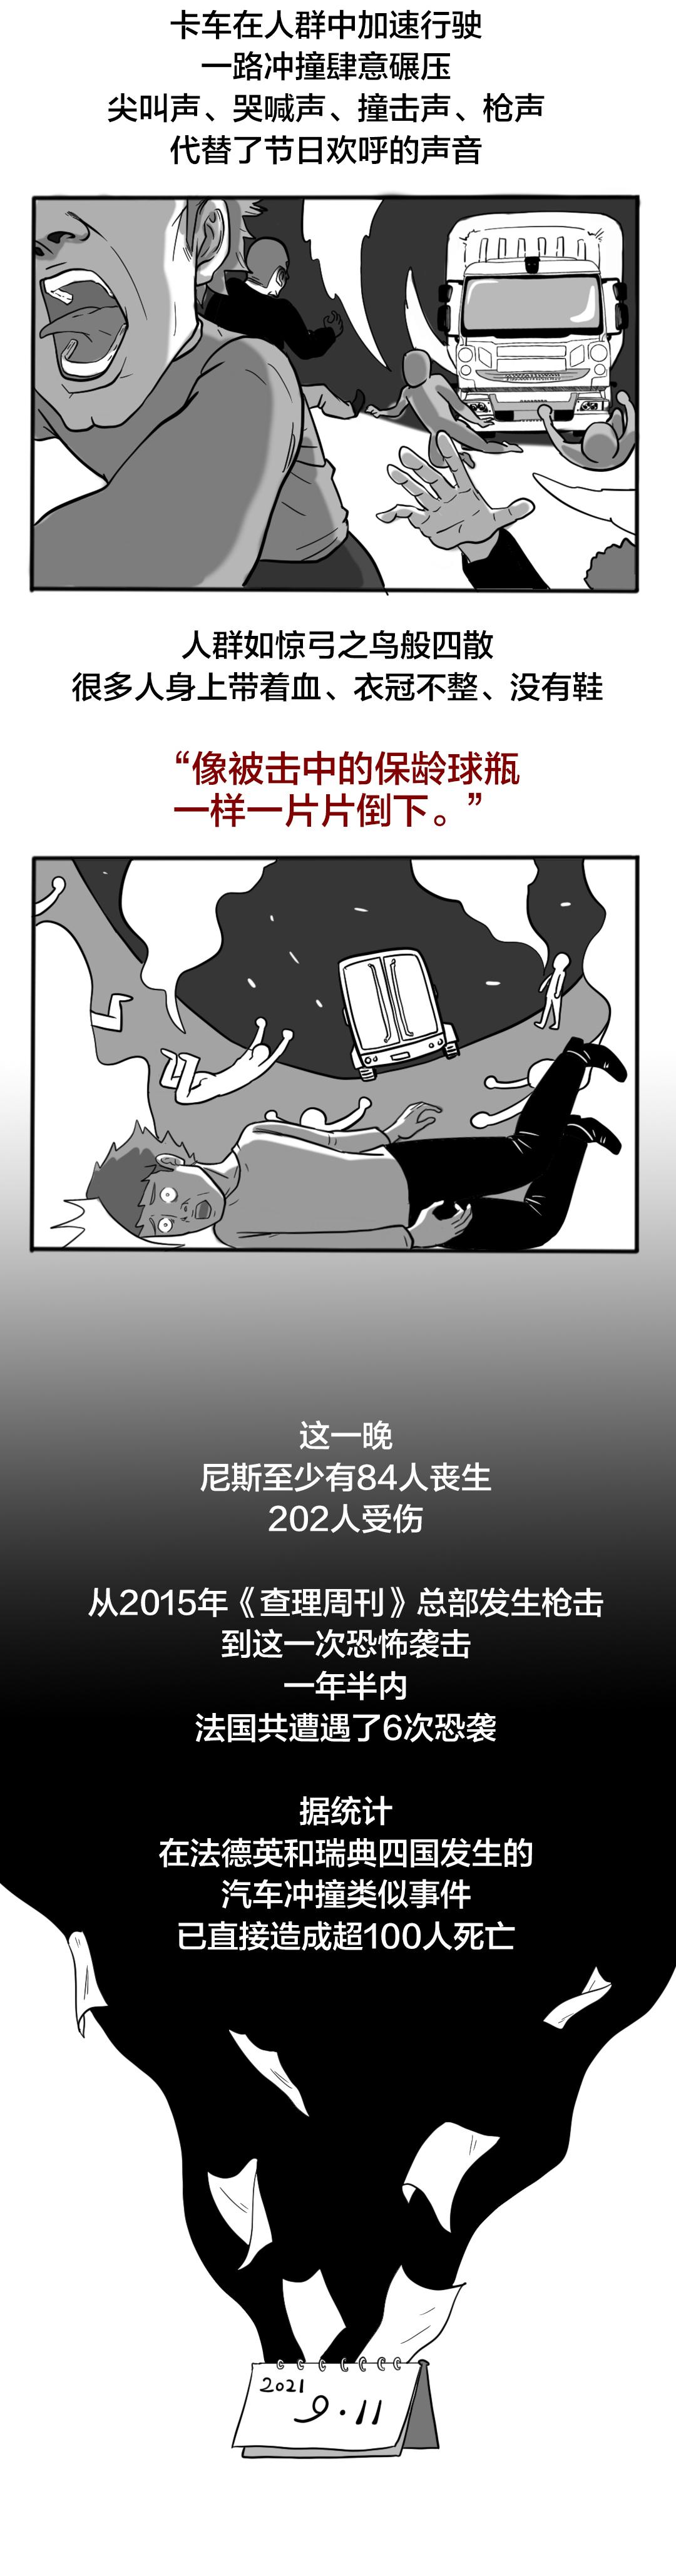 大鱼漫画|三个真实事件 二十年恐袭之殇